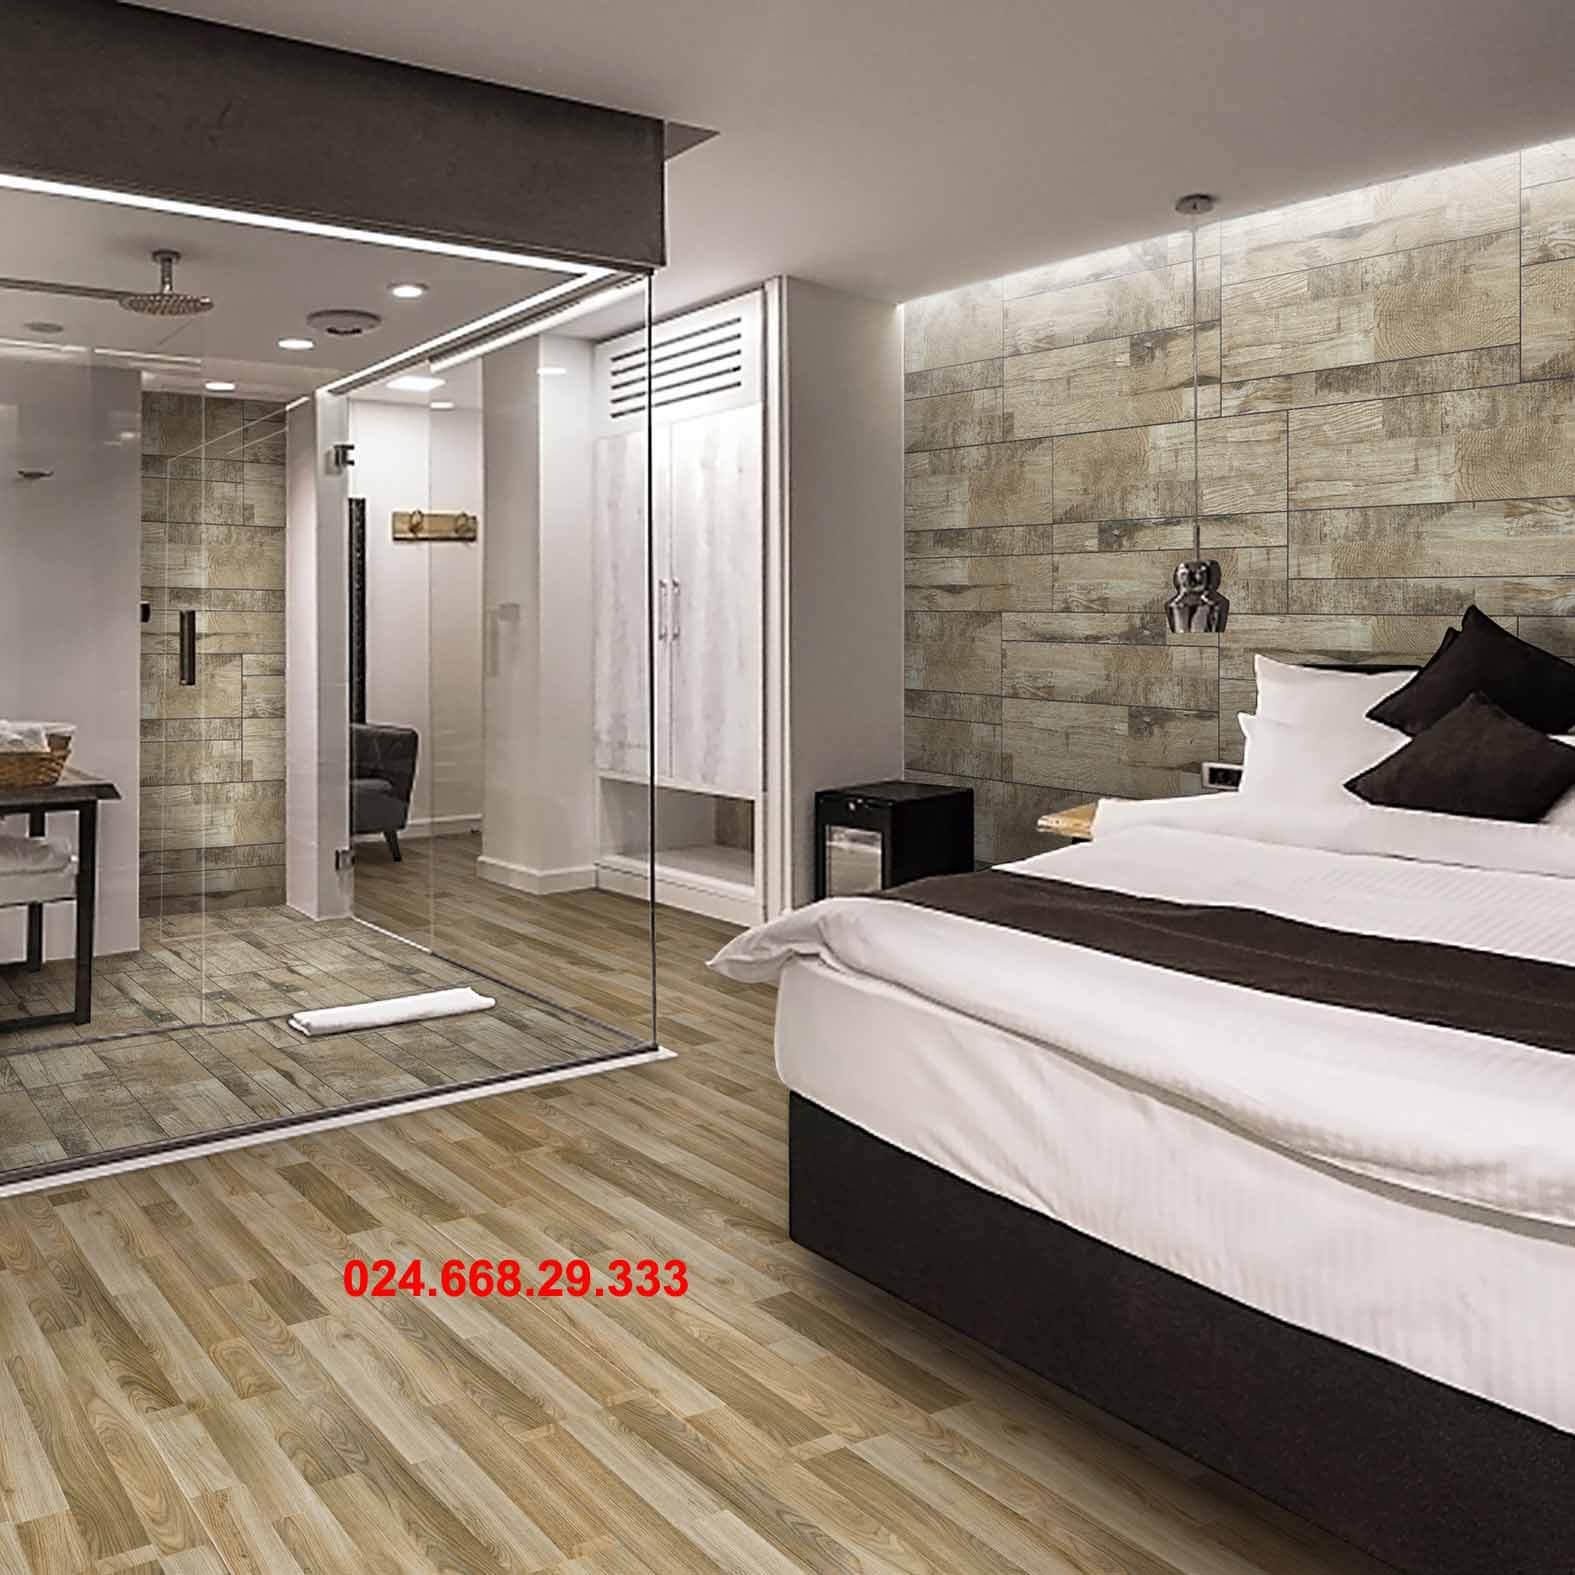 gạch giả gỗ 20x100 mã 2021lát phòng ngủ kết hợp phòng tắm